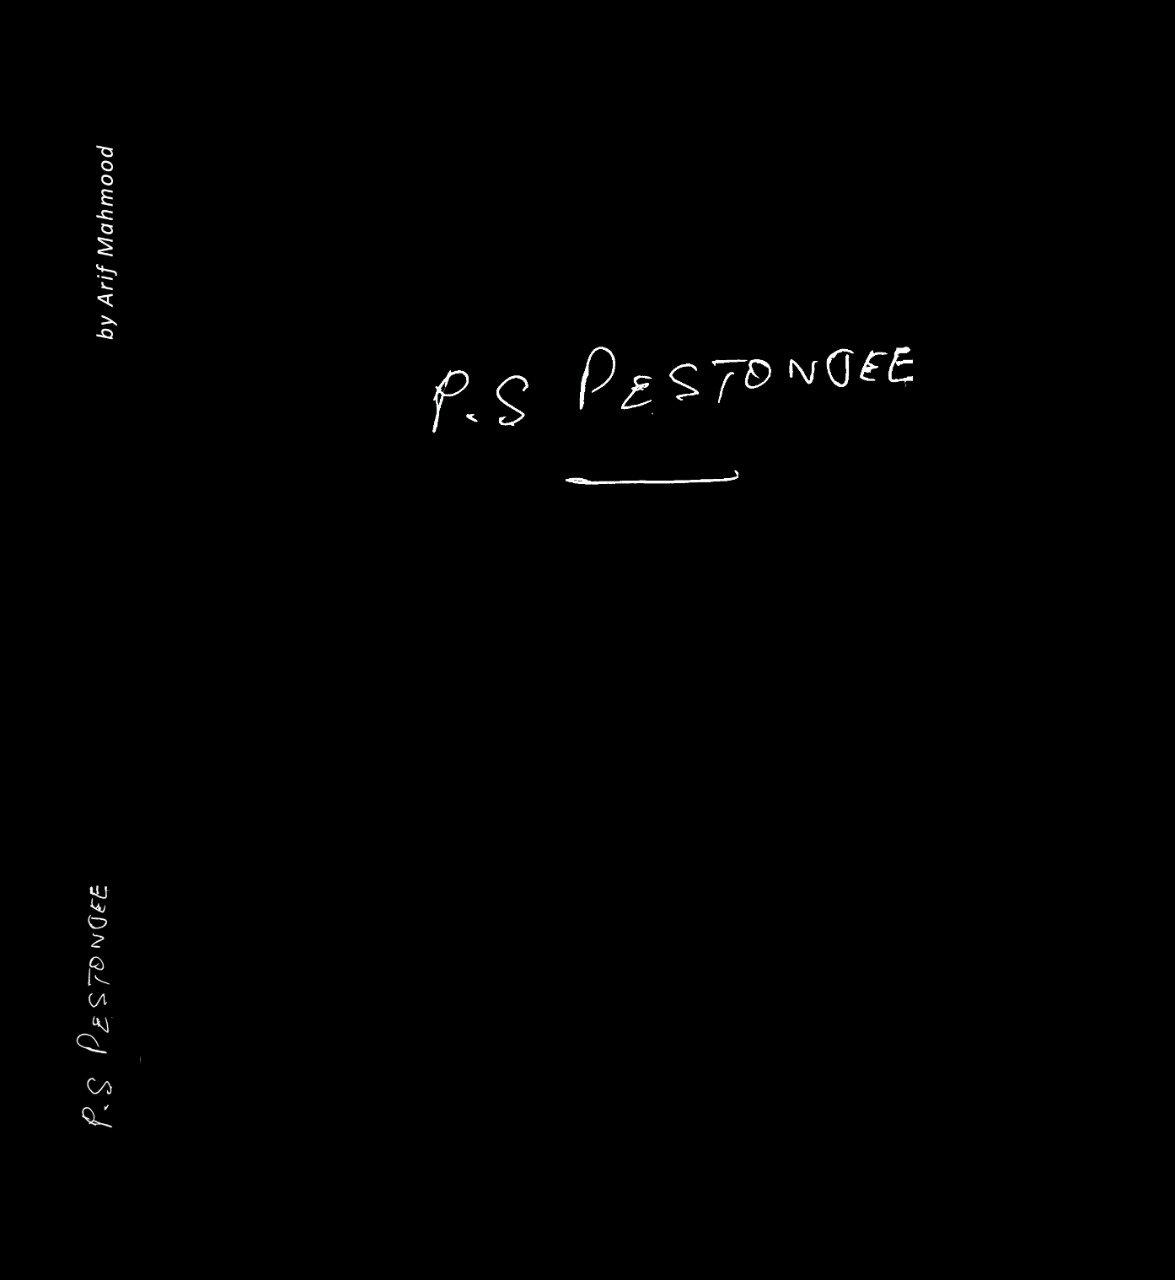 P.S Pestongee - (HB)